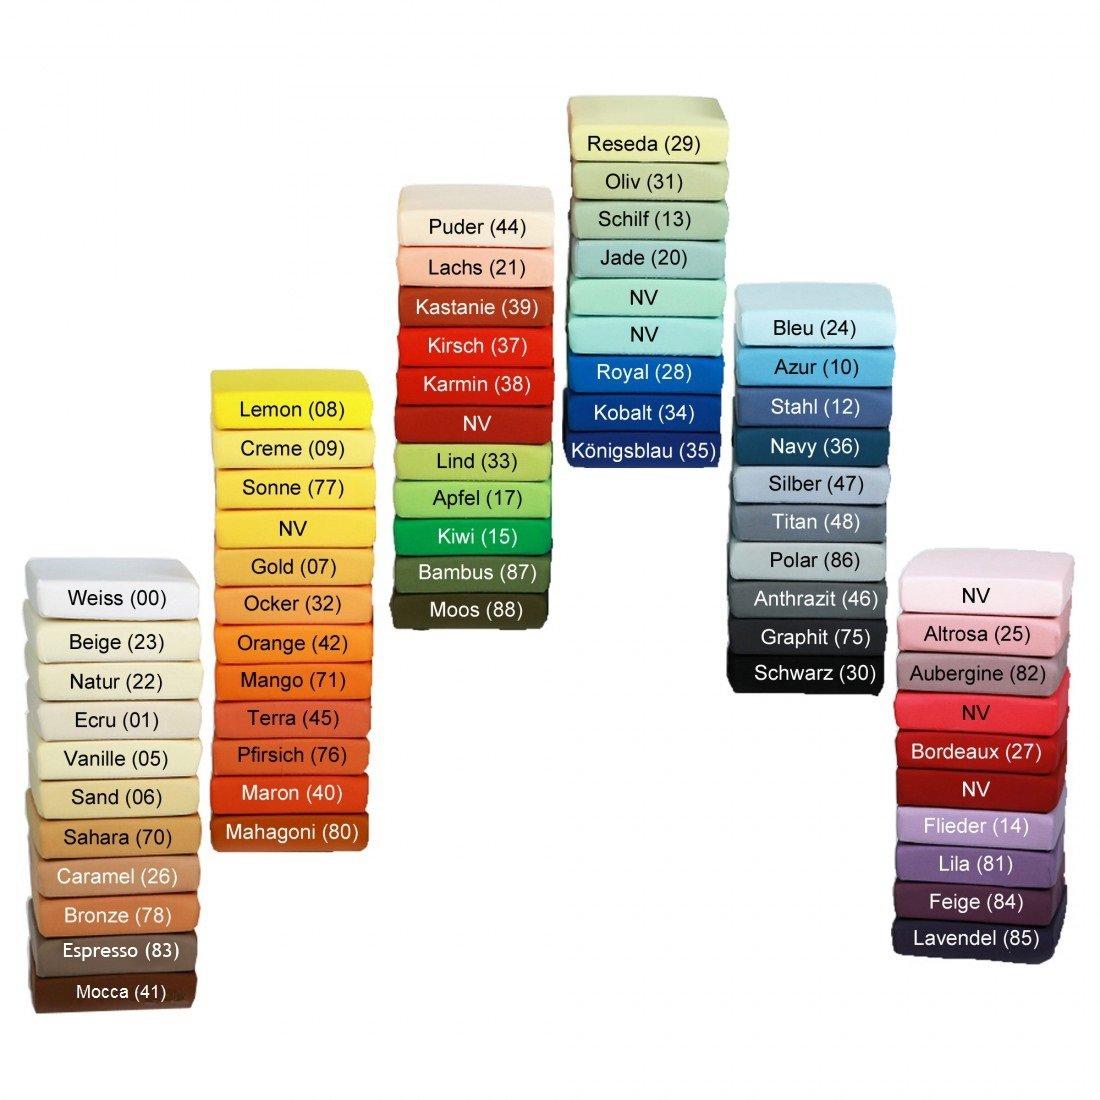 Spannbettlaken Stretch Wasserbett Wasserbett Wasserbett & Matratze - Kirsten Balk Jersey 460 - 180x200 - 200 x 220 - 62 Farben, Farbe KiBa_lemon_08 2bf055